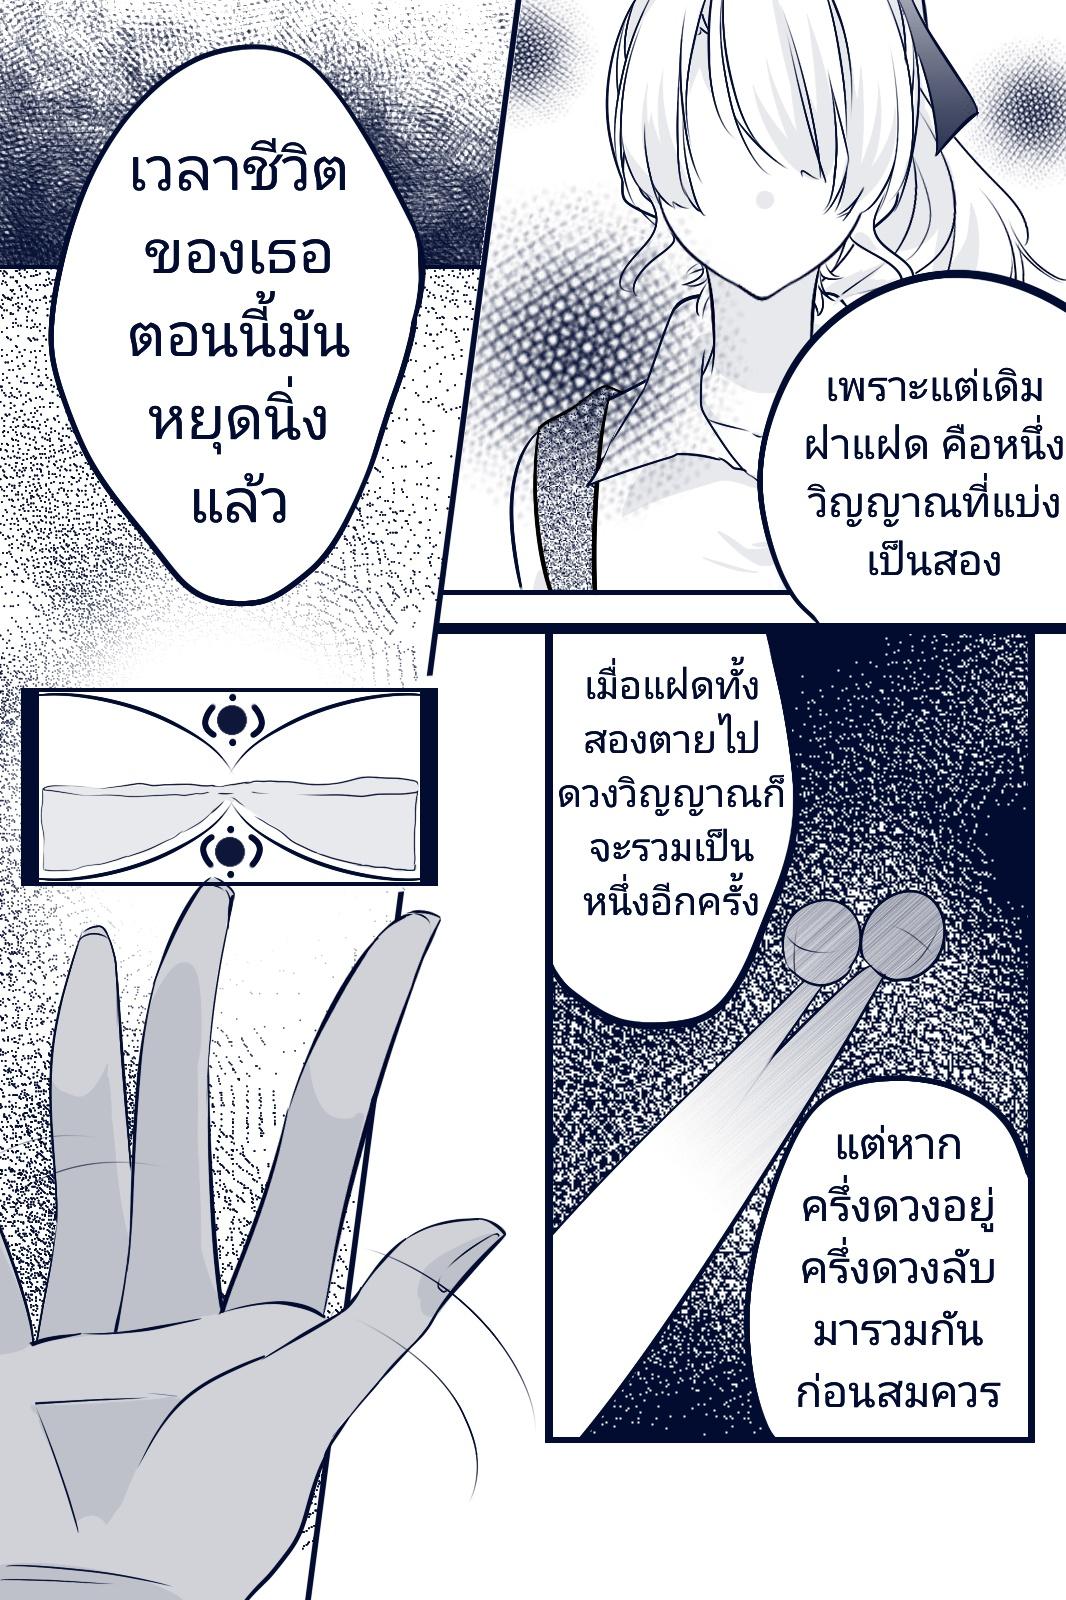 บทที่ 2 - โซ่ตรวนแห่งสายสัมพันธ์ (3/3)